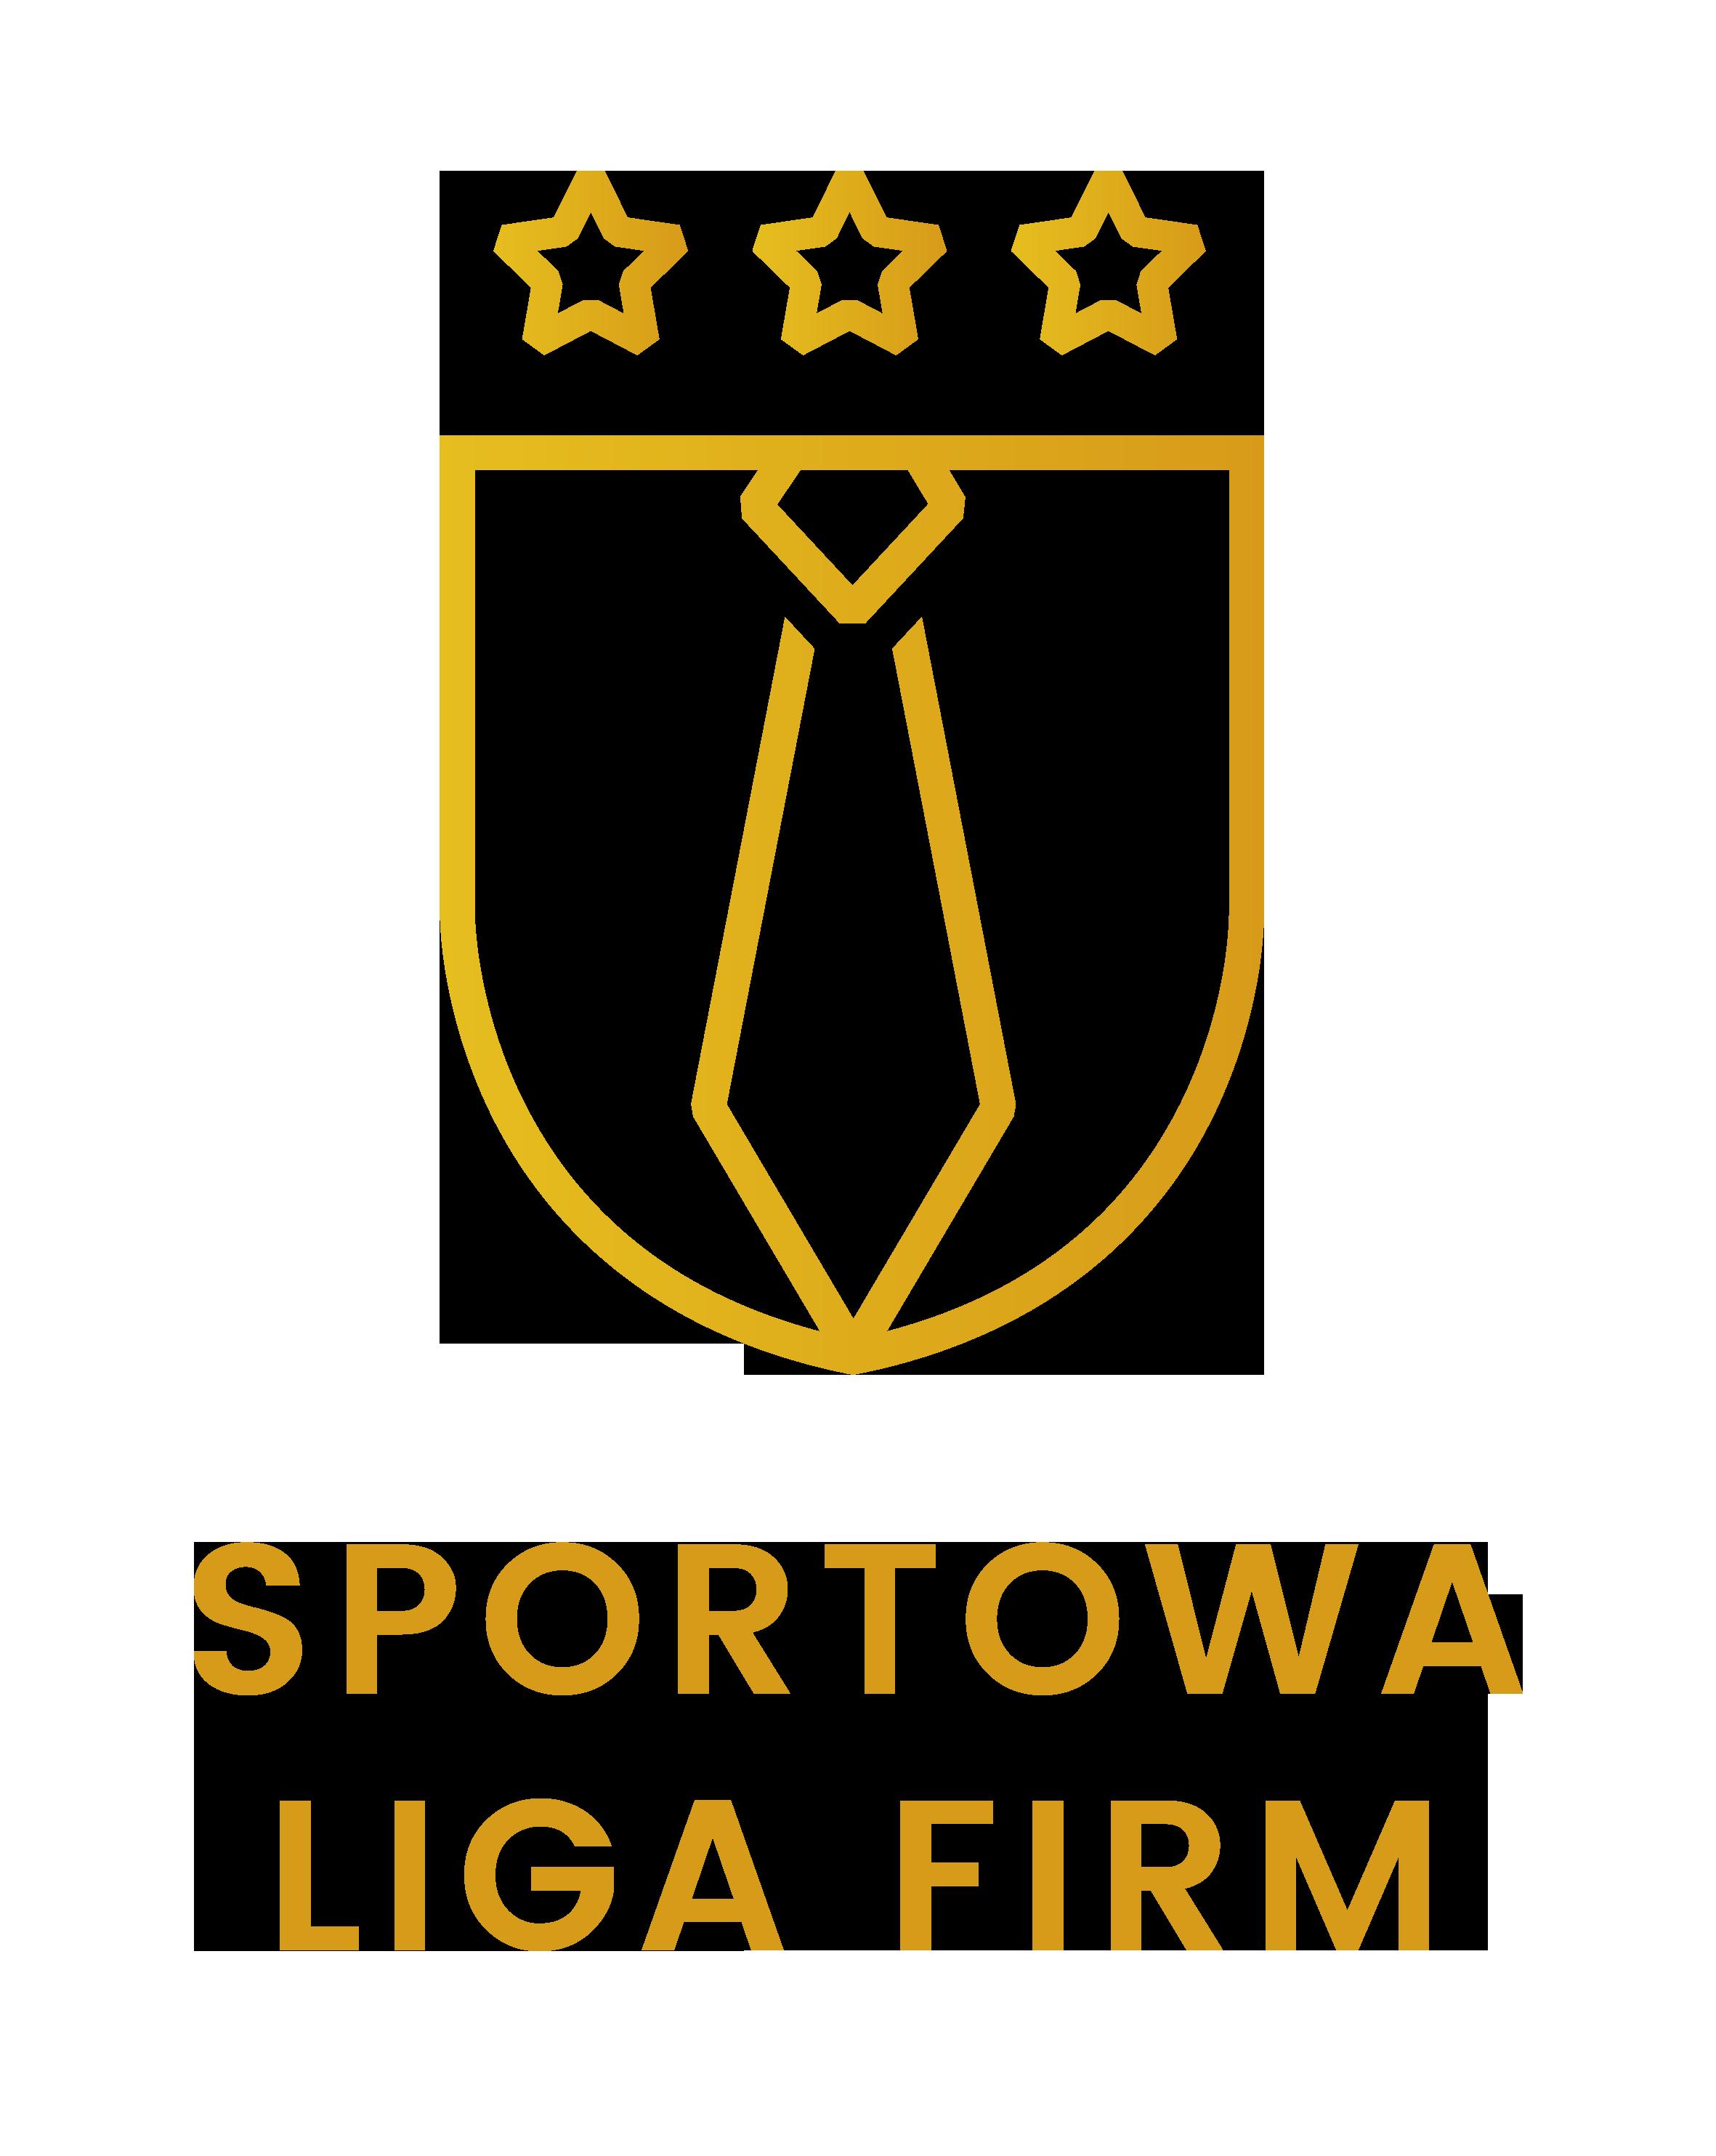 logo_sportowa-liga-firm_1_gold